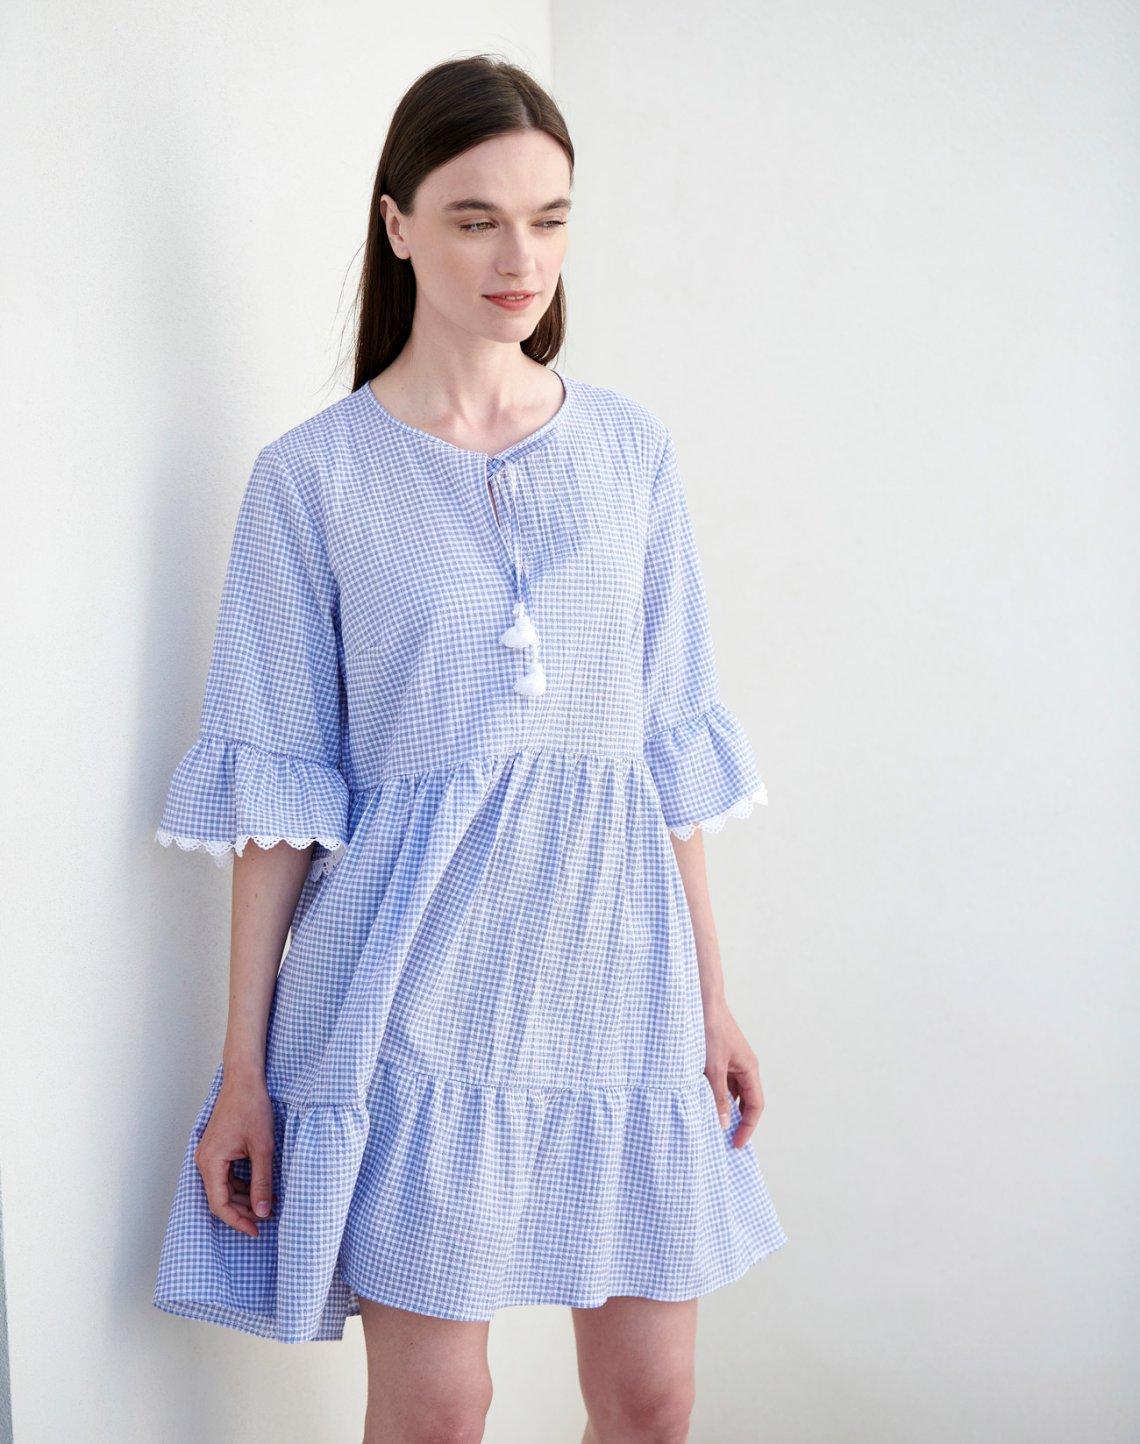 Μίνι καρό φόρεμα με βολάν